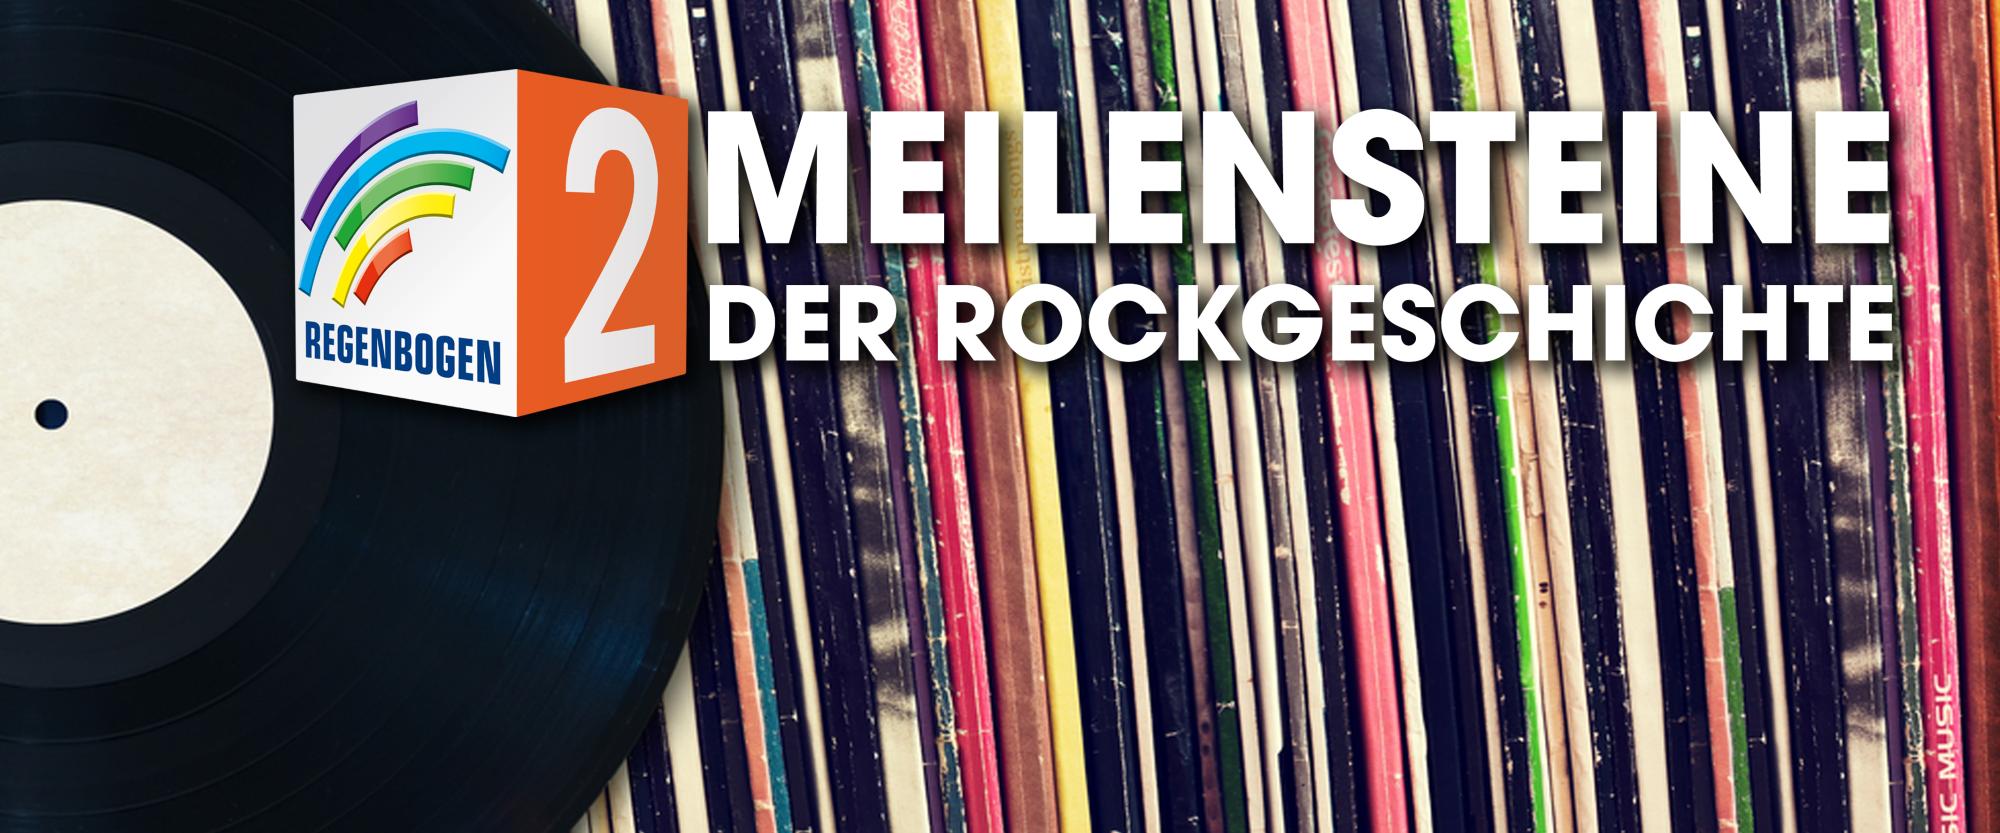 R2_Meilensteine_Rockgeschichte.png